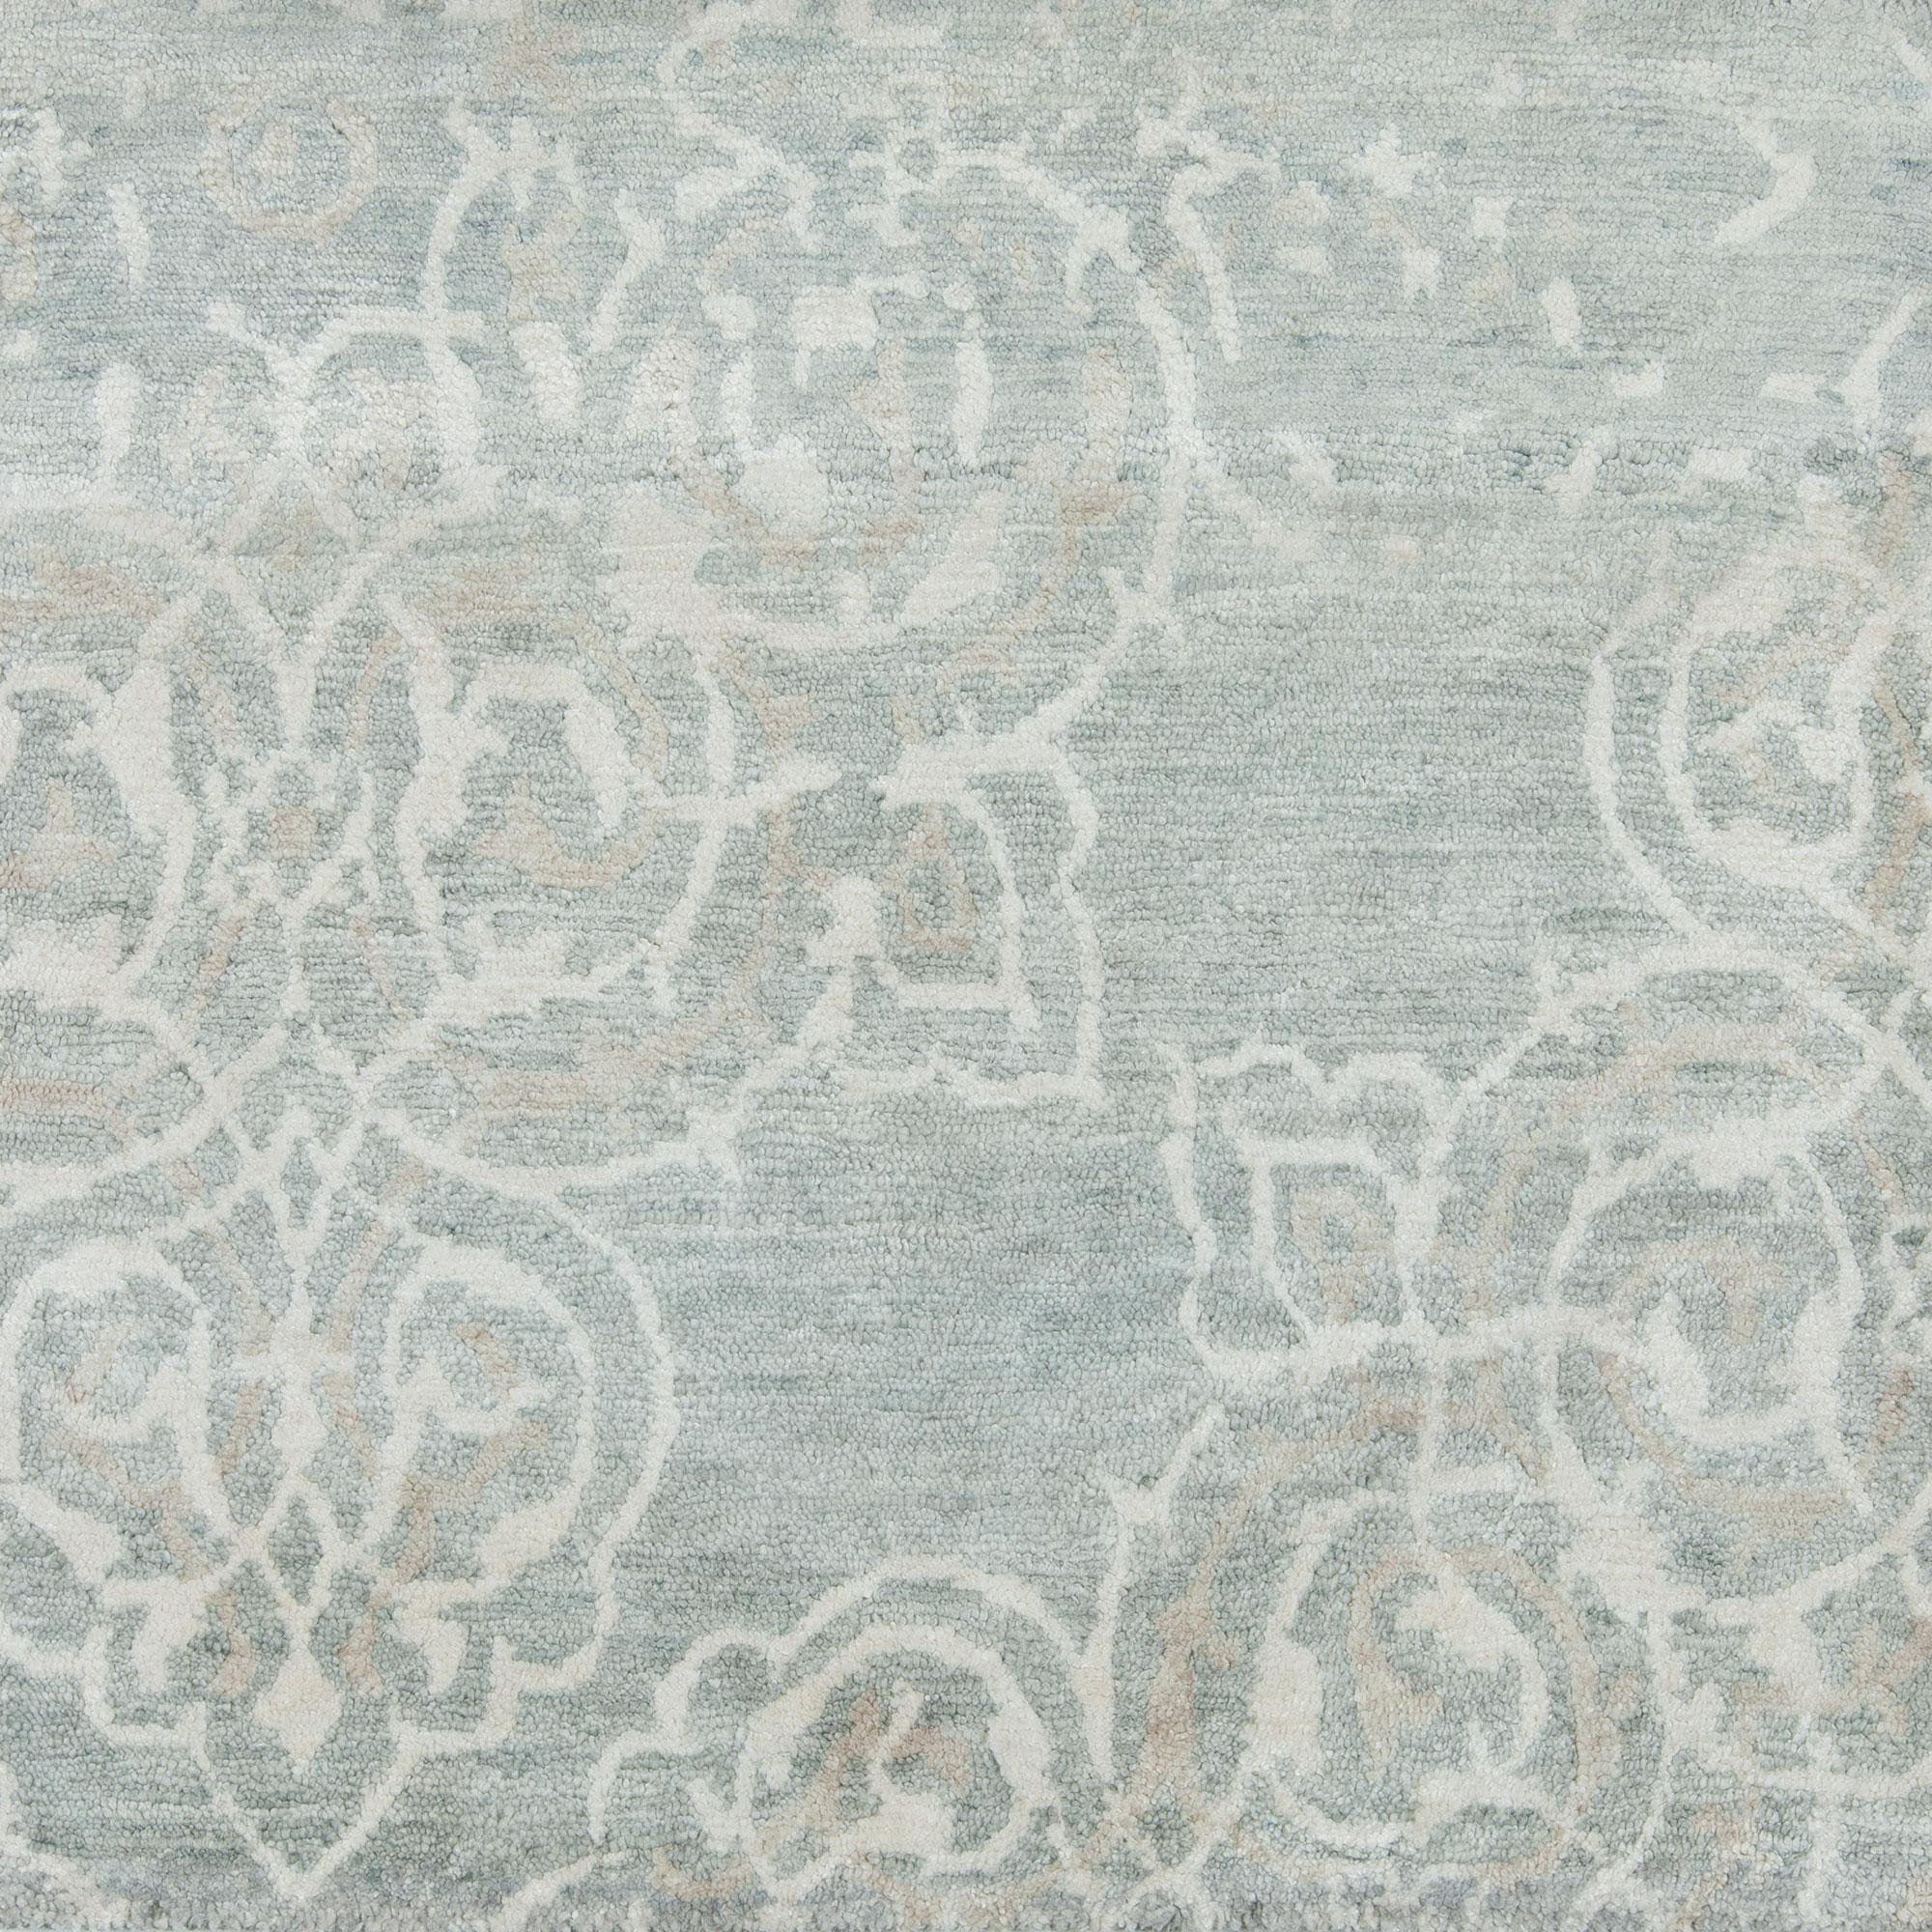 Floral Custom Rug Design S11530 S11530